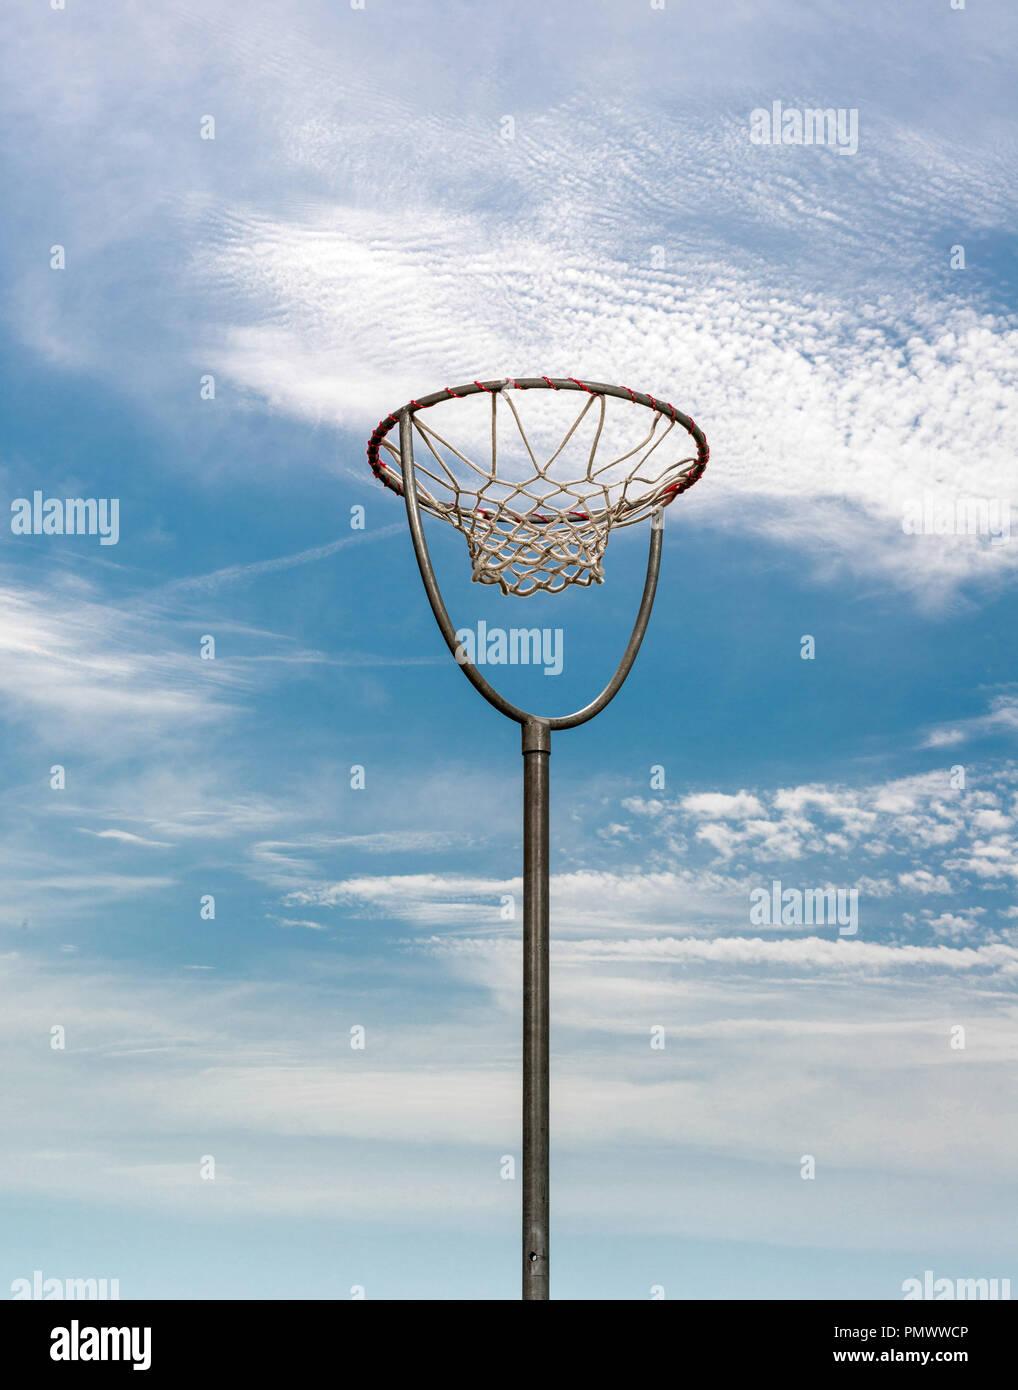 La canasta de baloncesto visto en el cielo. Imagen De Stock